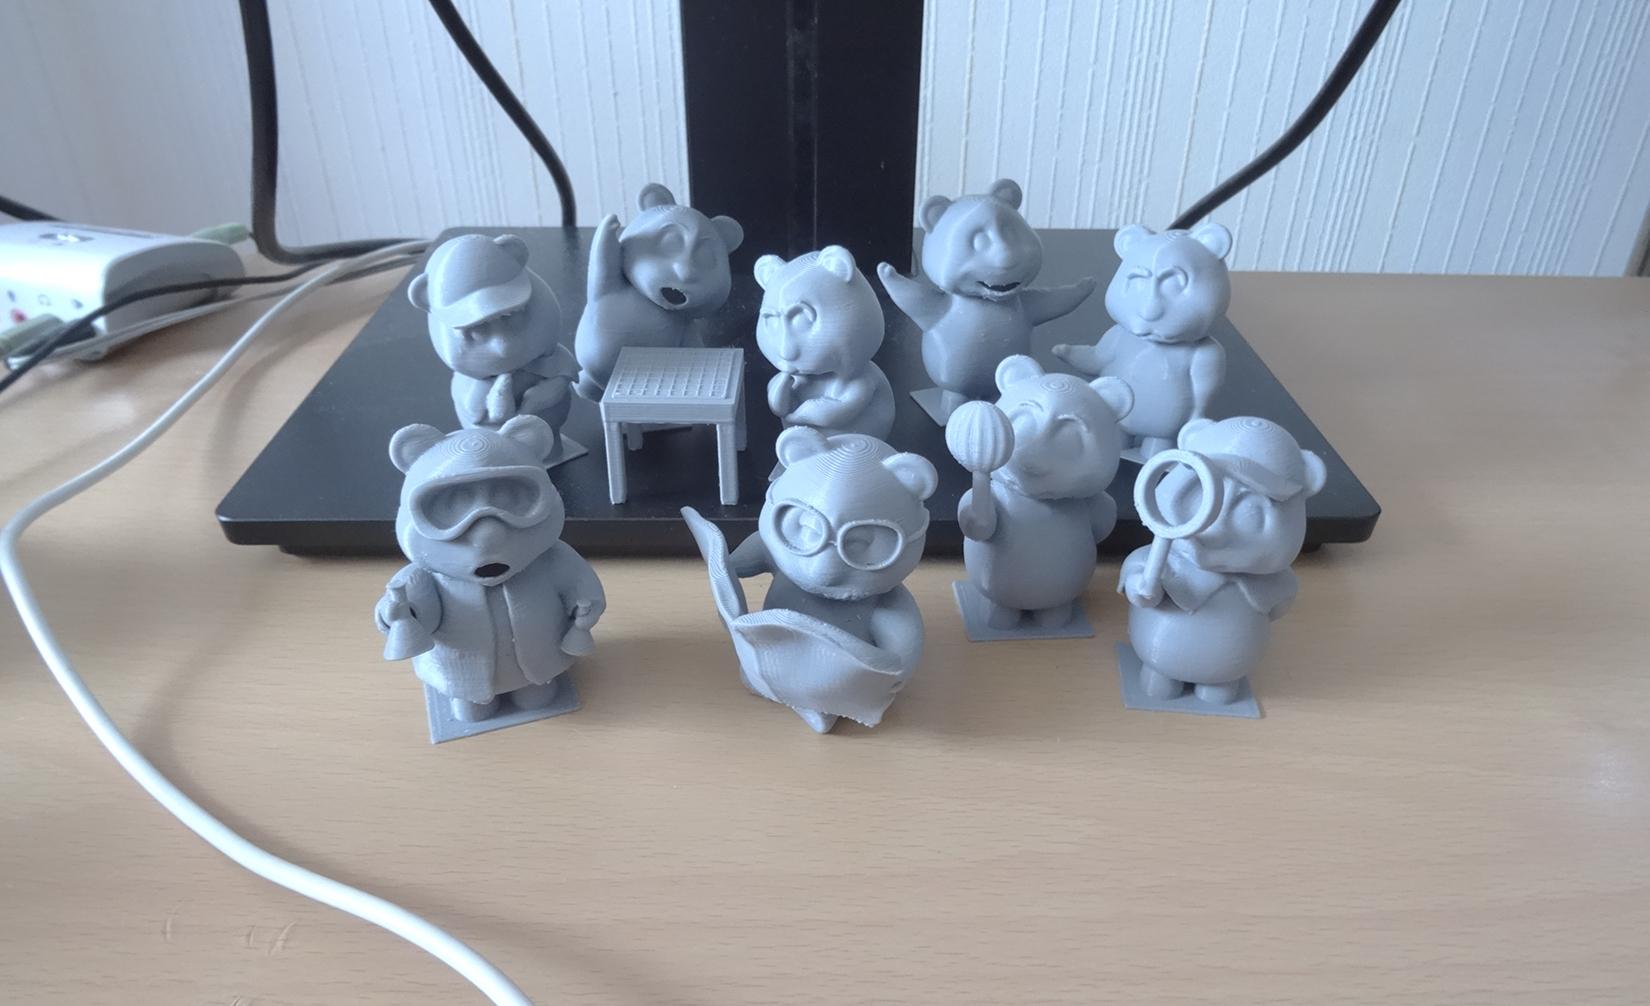 Oliver Teddy Bear Family (3D Printed Teddy Bears)